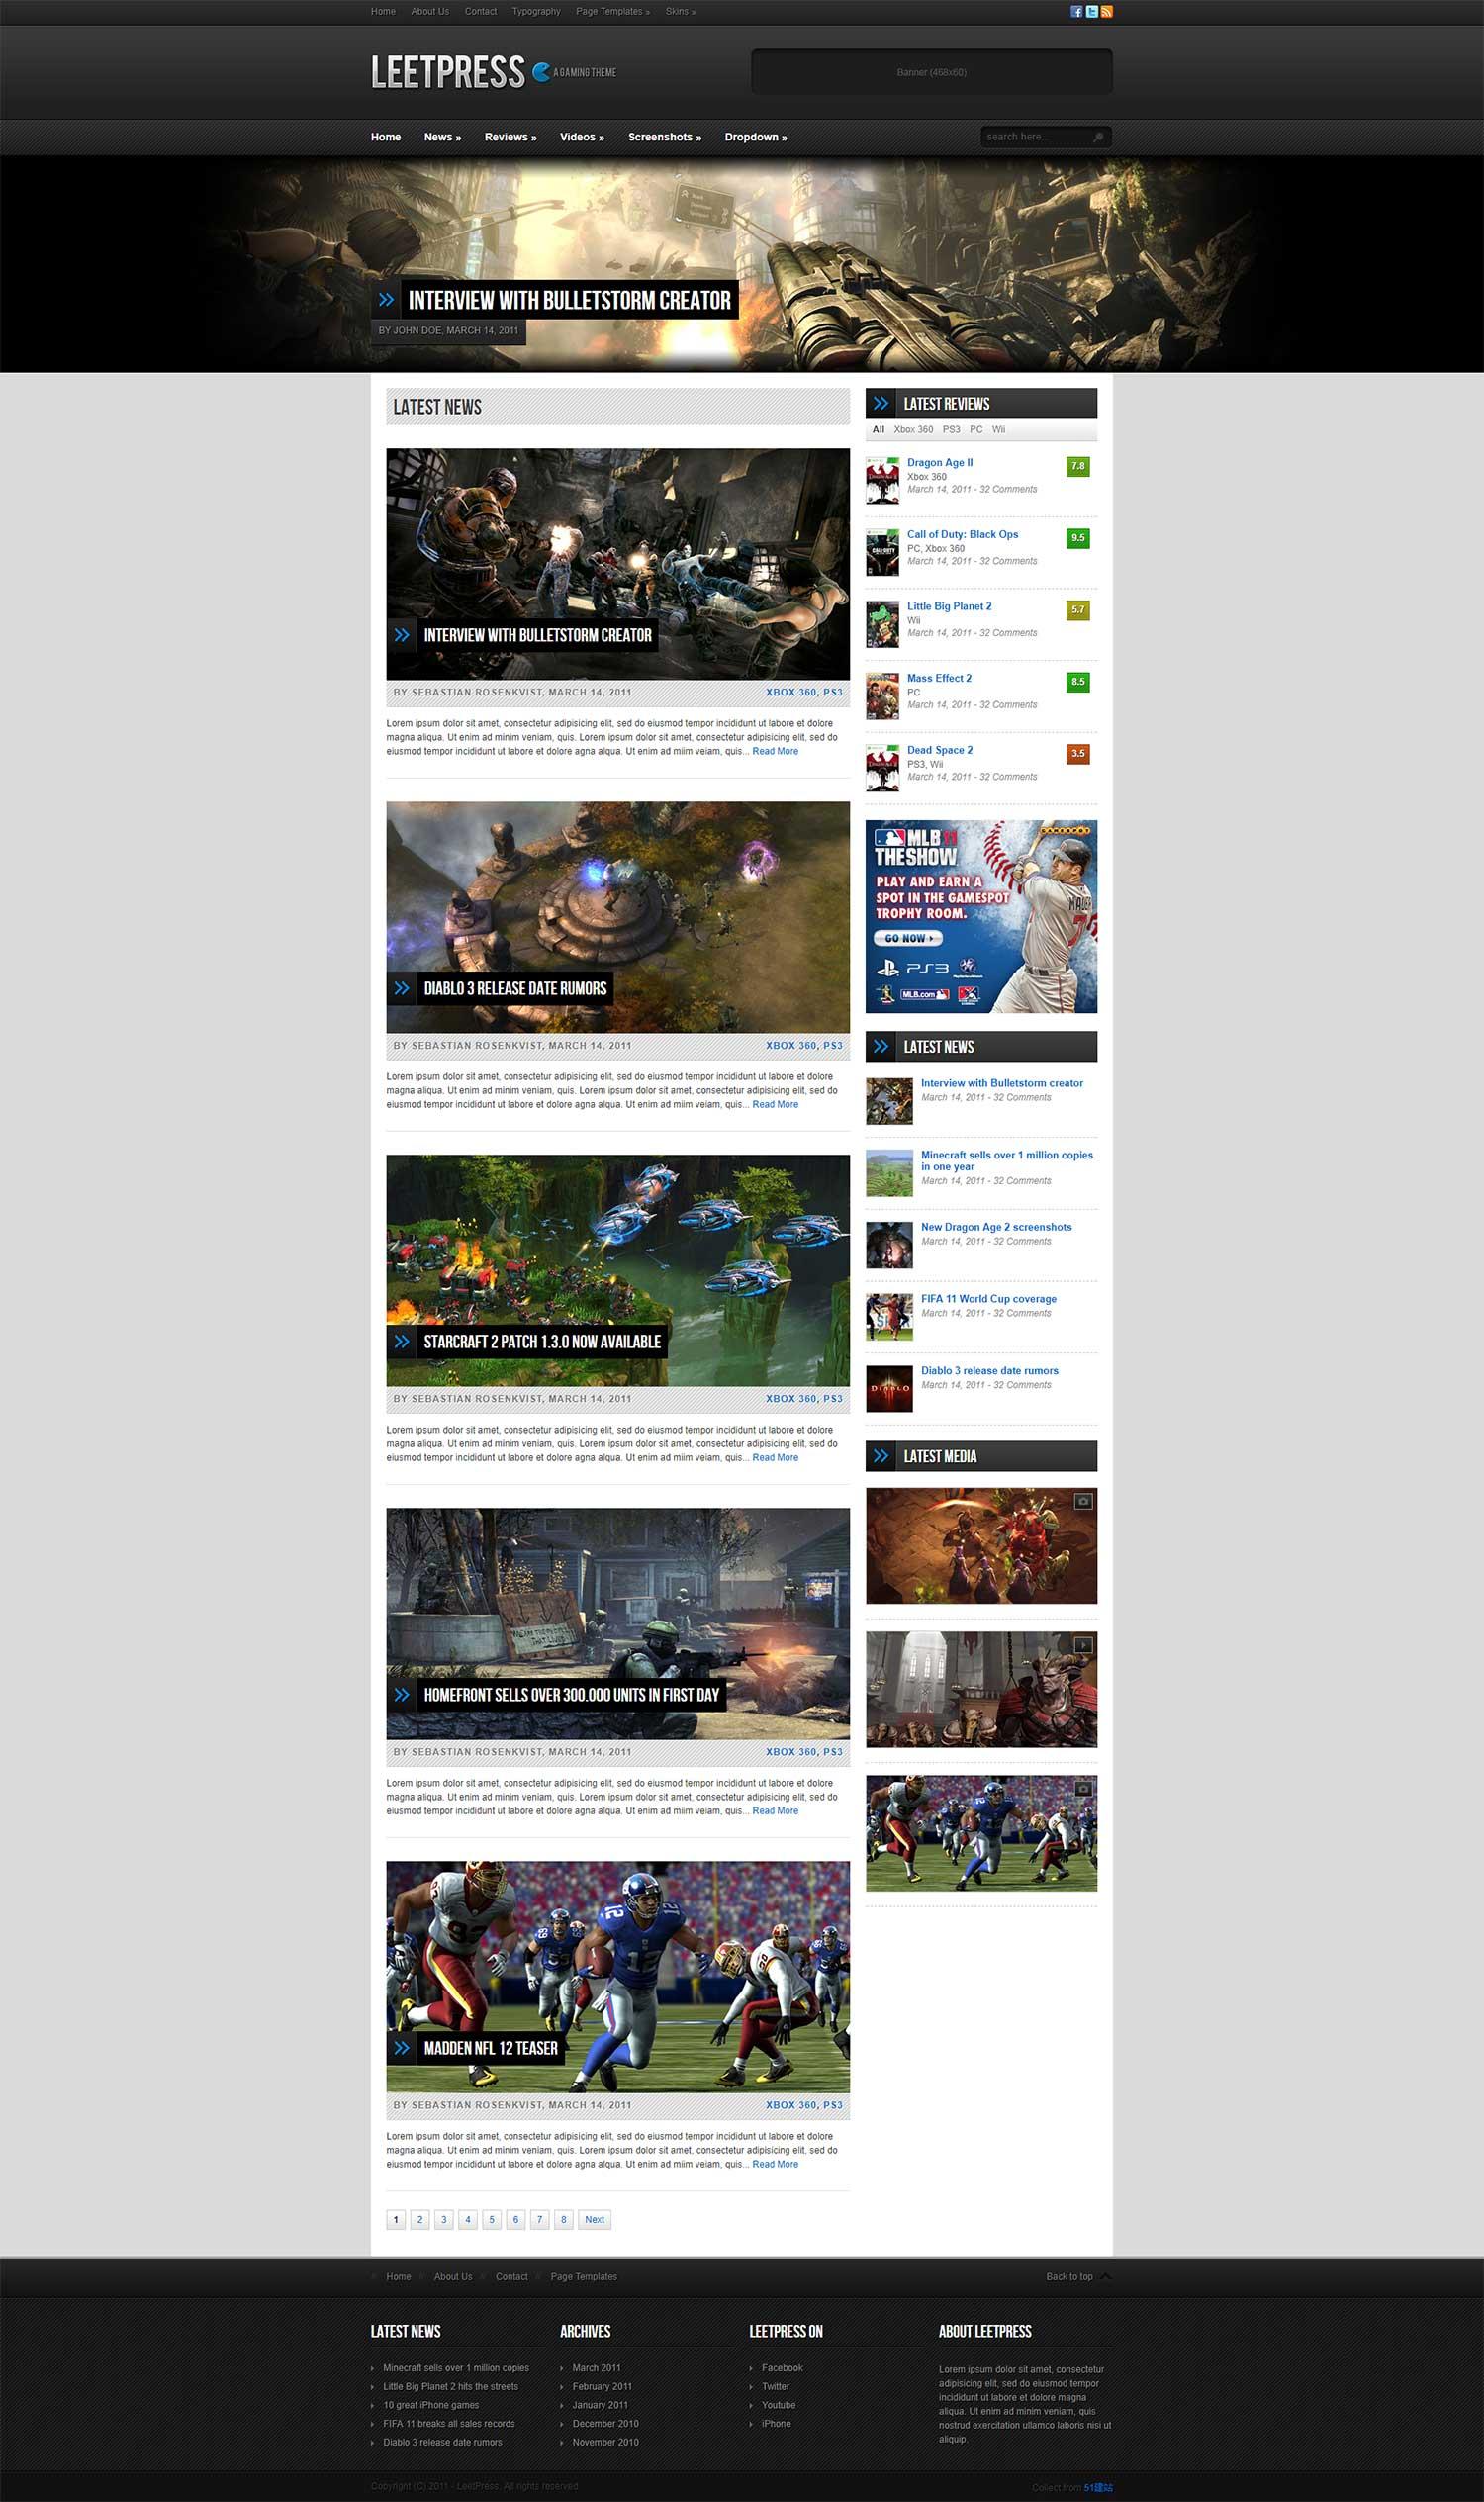 LeetPress大气黑色质感风格游戏网站整站模版